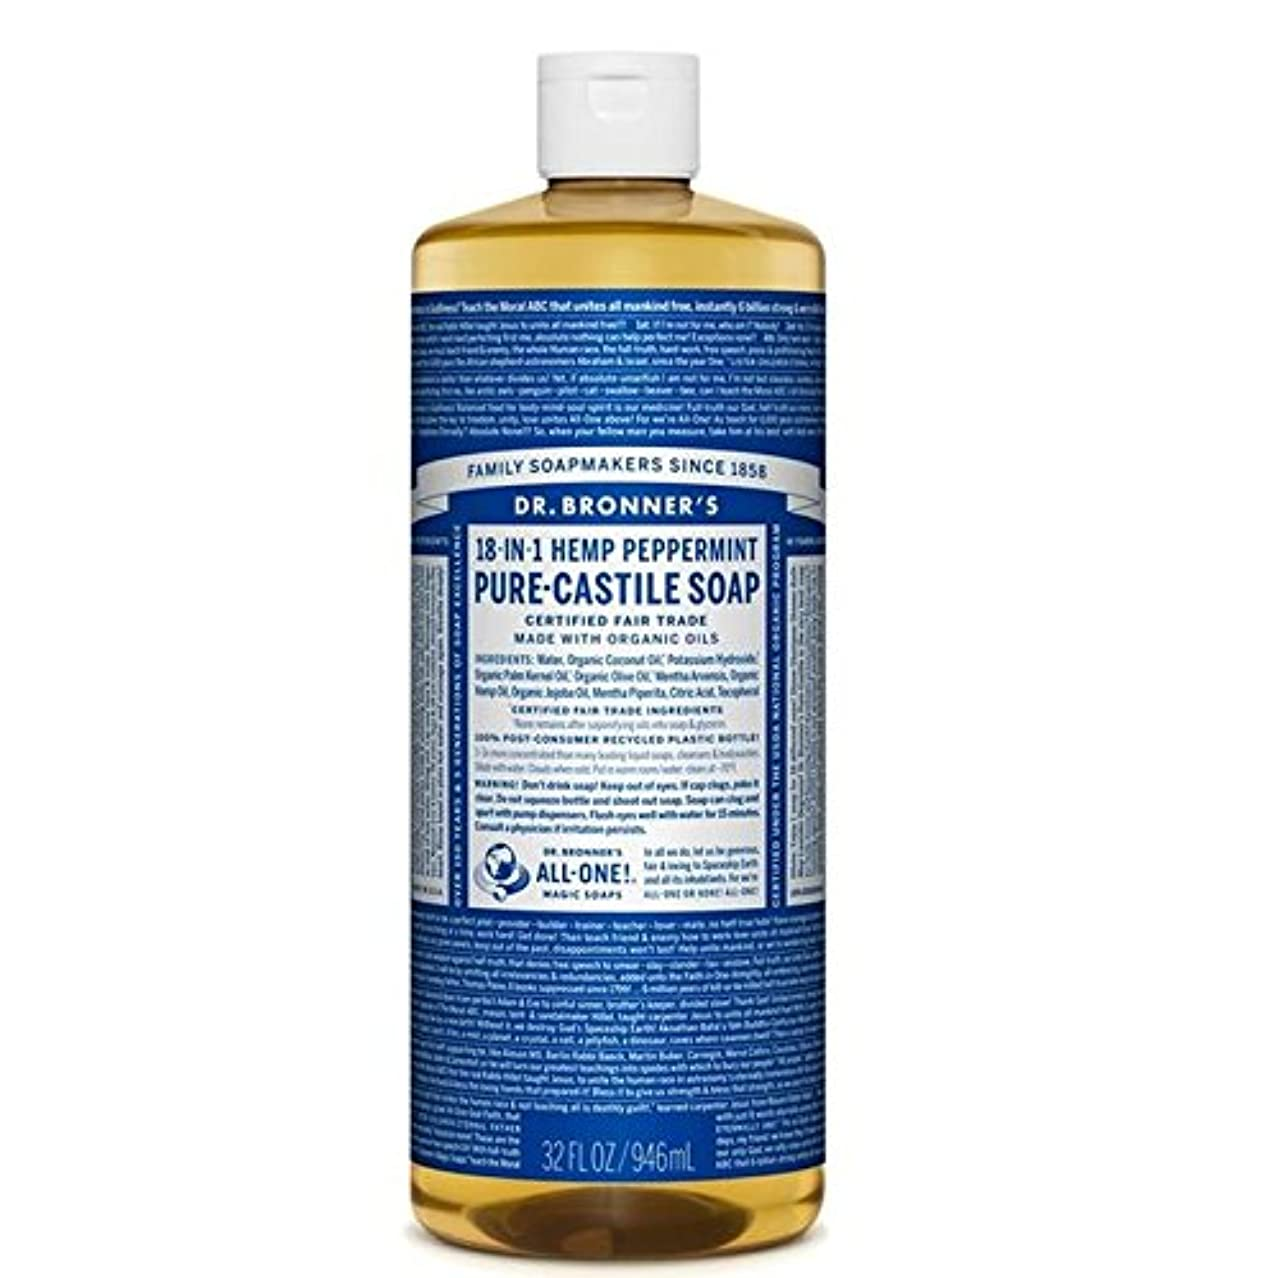 のブロナー有機ペパーミントカスティーリャ液体石鹸946ミリリットル x2 - Dr Bronner Organic Peppermint Castile Liquid Soap 946ml (Pack of 2) [並行輸入品]